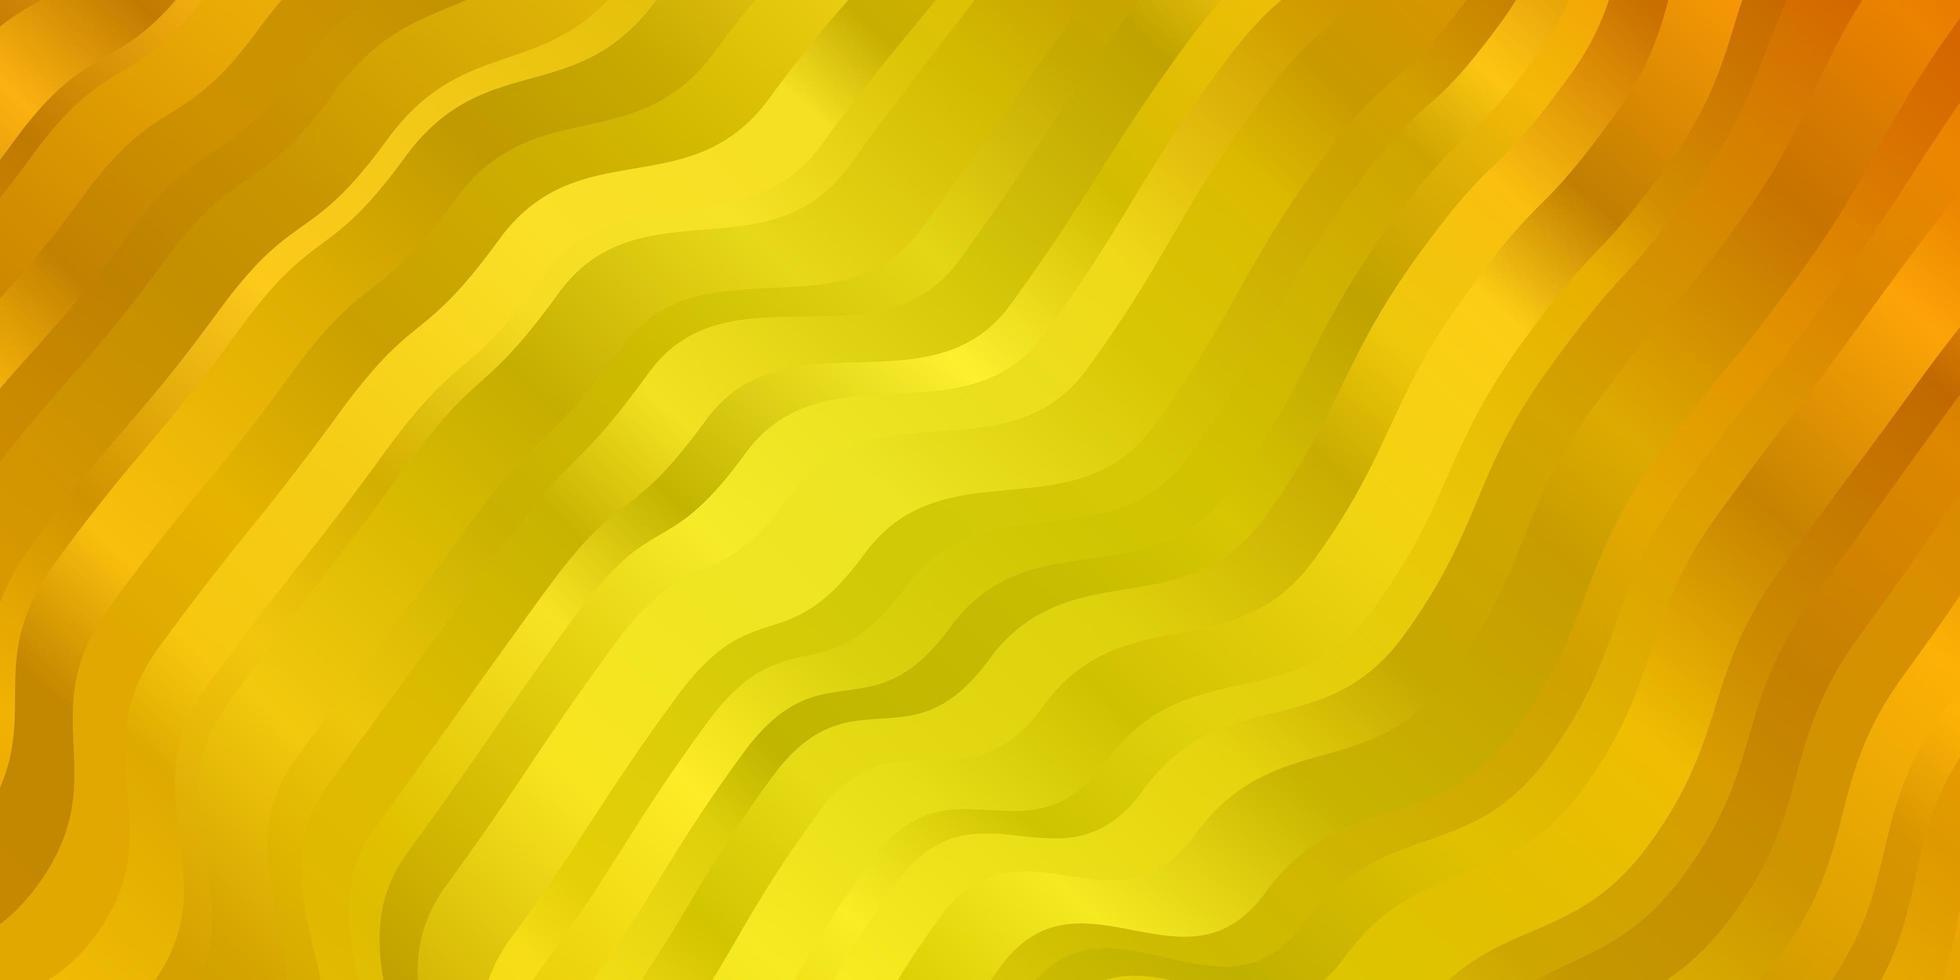 sfondo giallo con linee piegate. vettore